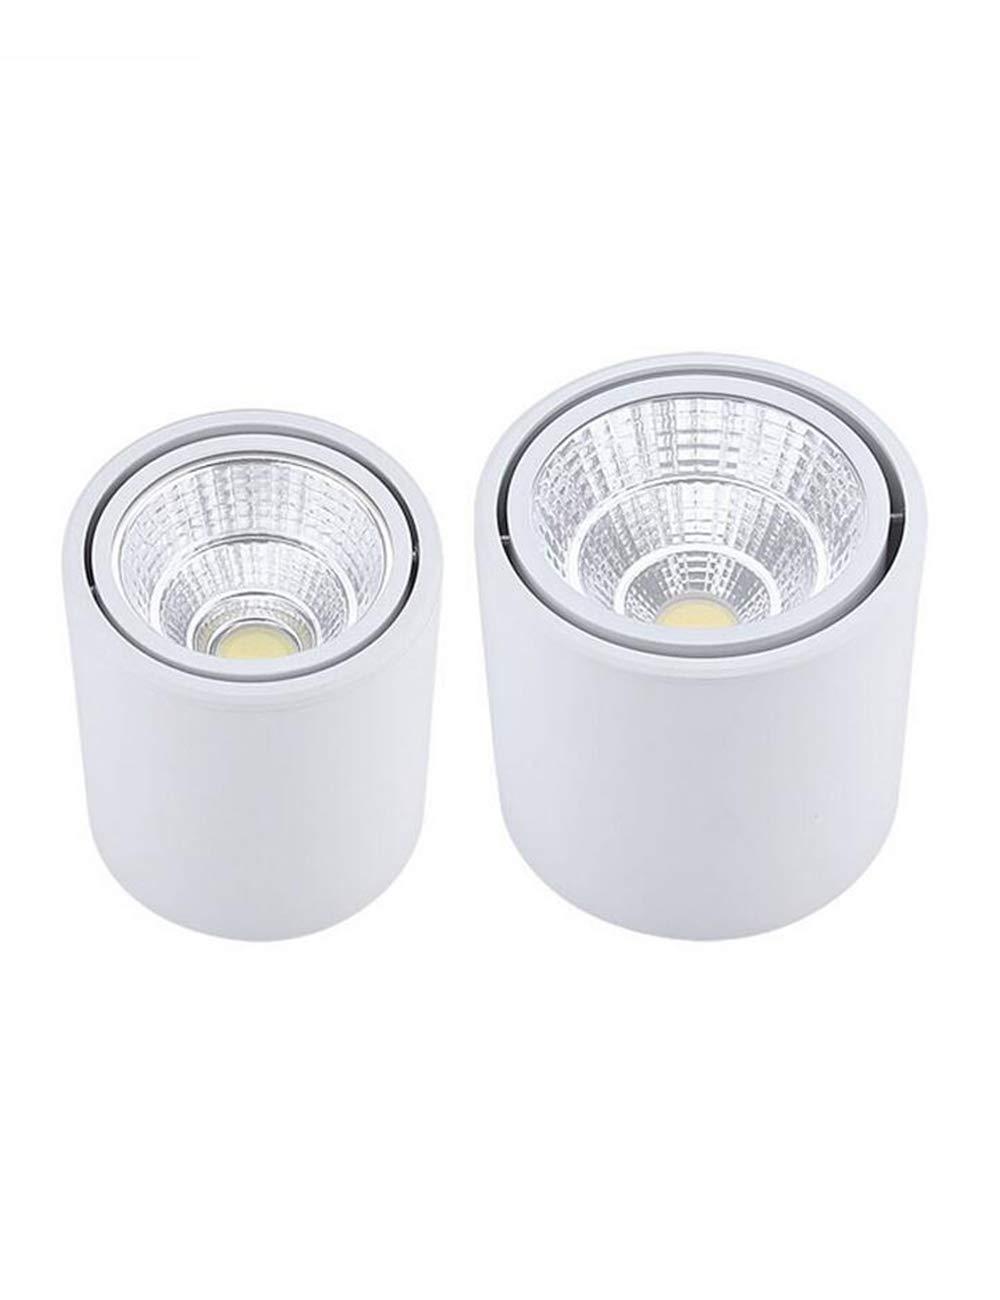 SPDYCESS Mini focos ajustable,220V Concha de aluminio,7W 12W 15W, Clase de eficiencia energ/ética A+ 2 X Foco LED para techo Focos montados en superficie LED Focos de techo